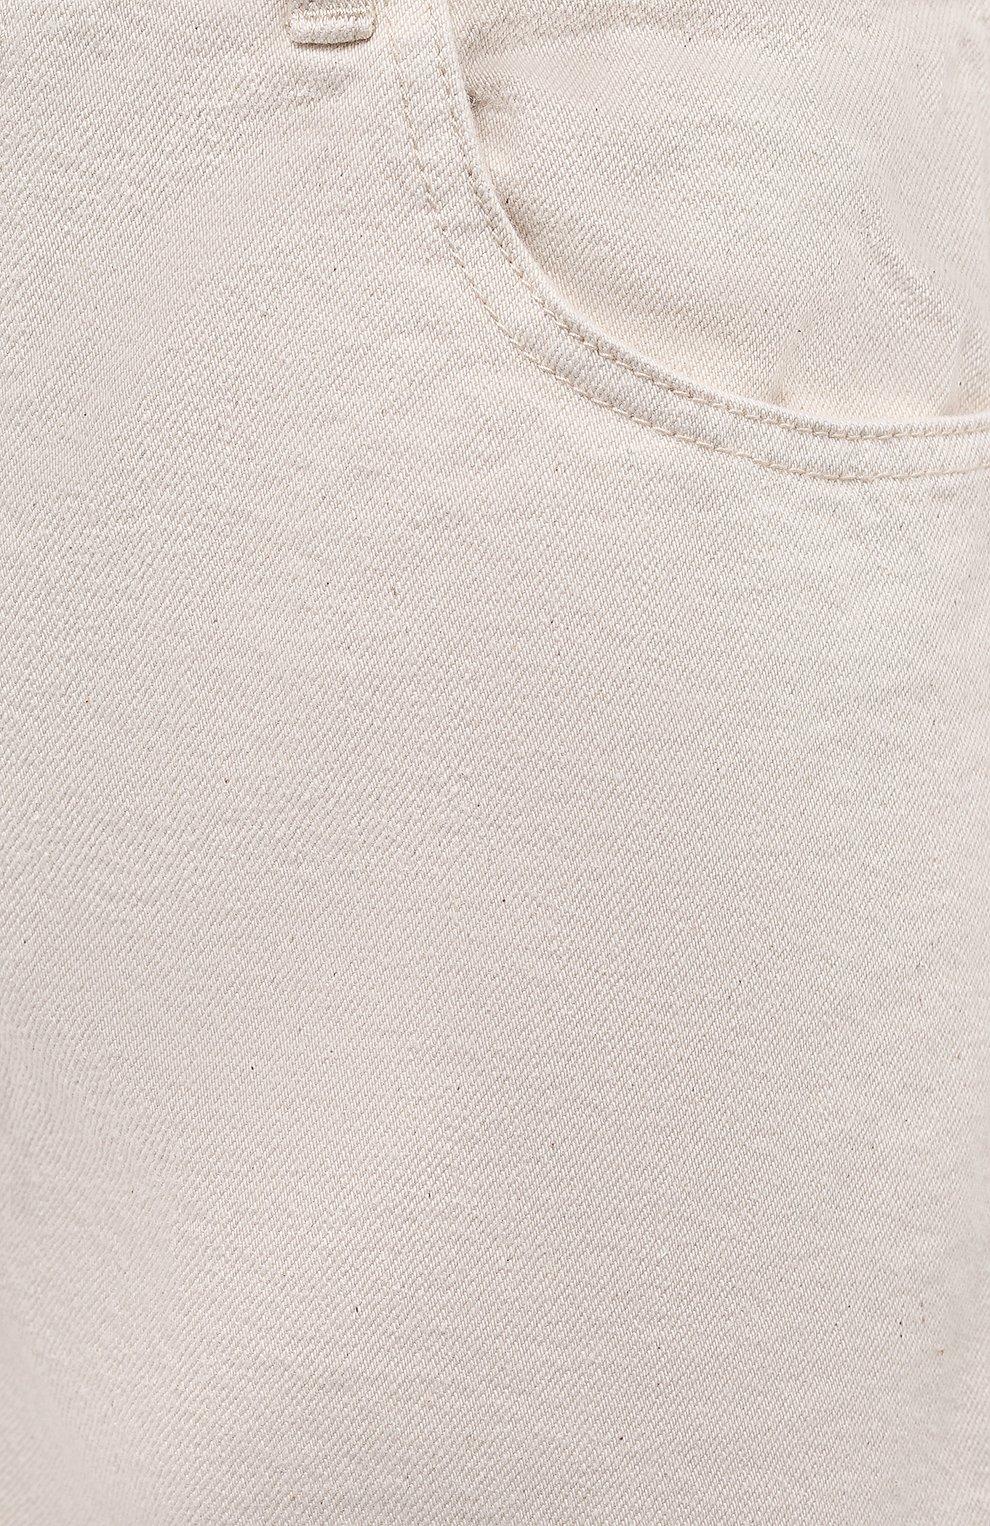 Женские джинсовые шорты JIL SANDER светло-бежевого цвета, арт. JPPS663122-WS246500   Фото 5 (Женское Кросс-КТ: Шорты-одежда; Кросс-КТ: Деним; Длина Ж (юбки, платья, шорты): Мини; Стили: Гранж; Материал внешний: Хлопок)